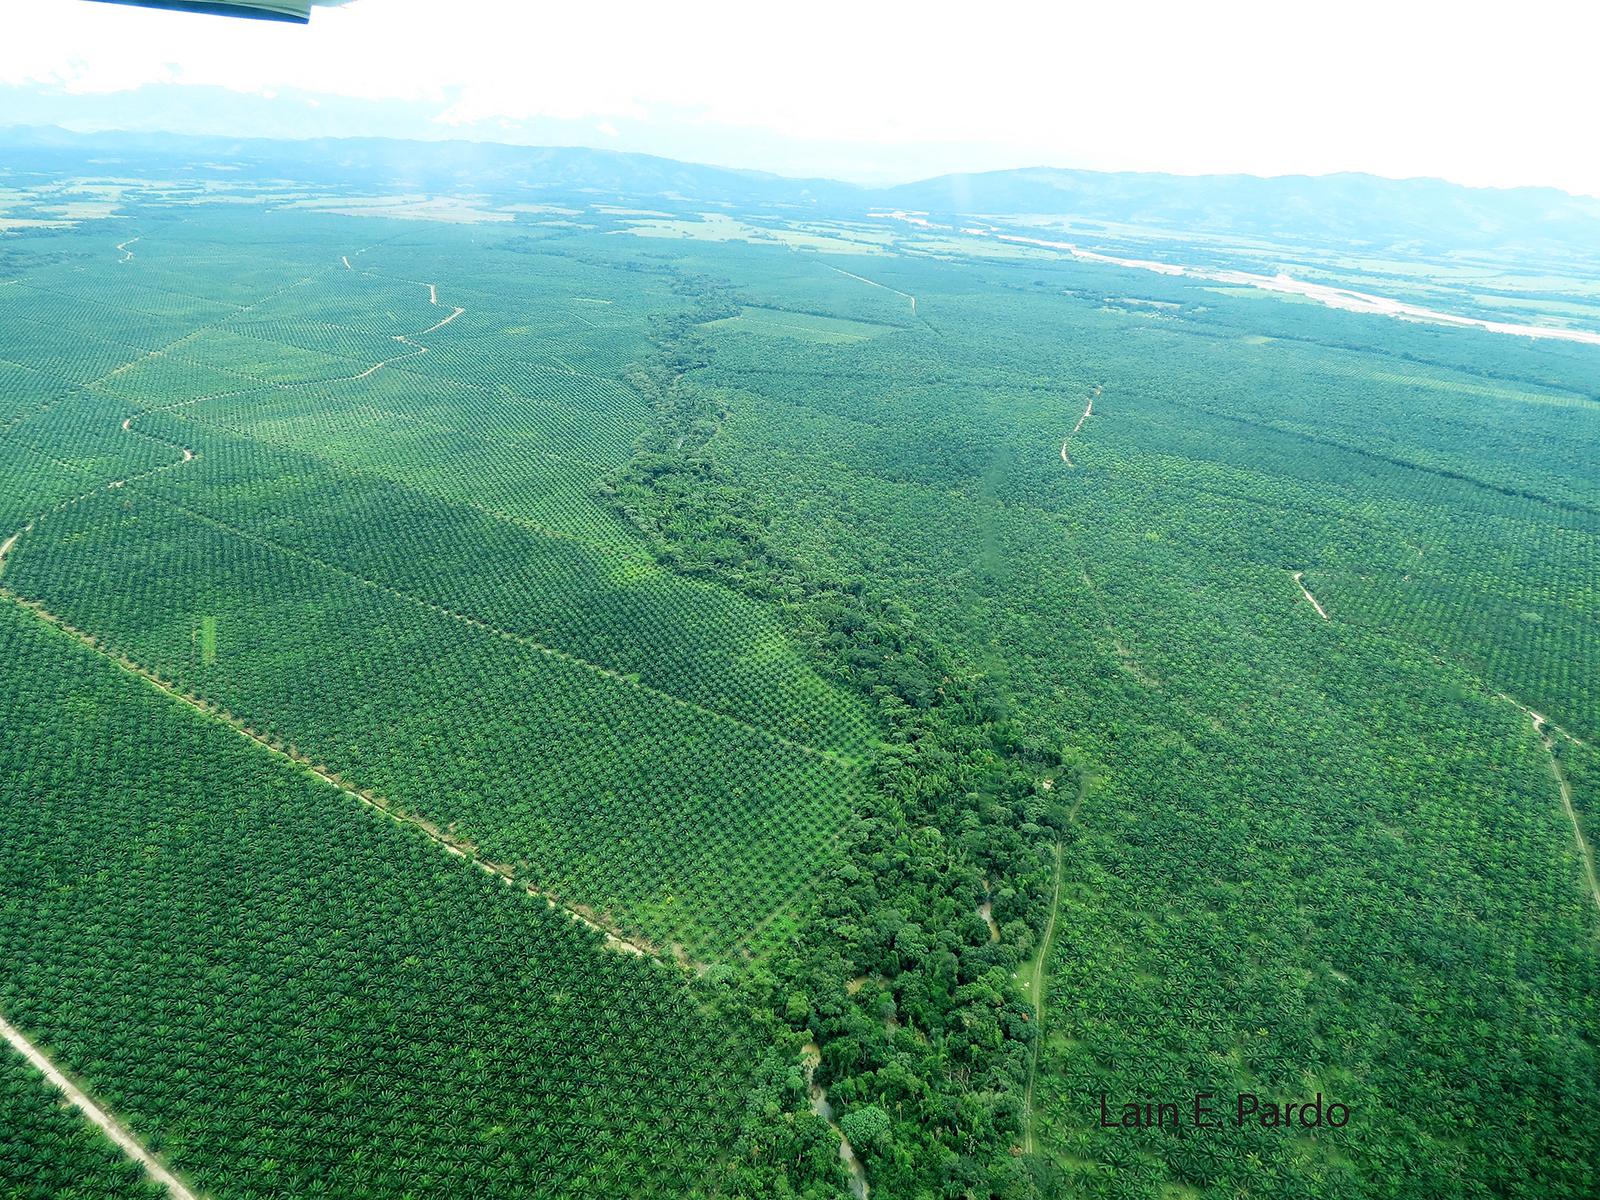 plantation_aerial_1600W1200H